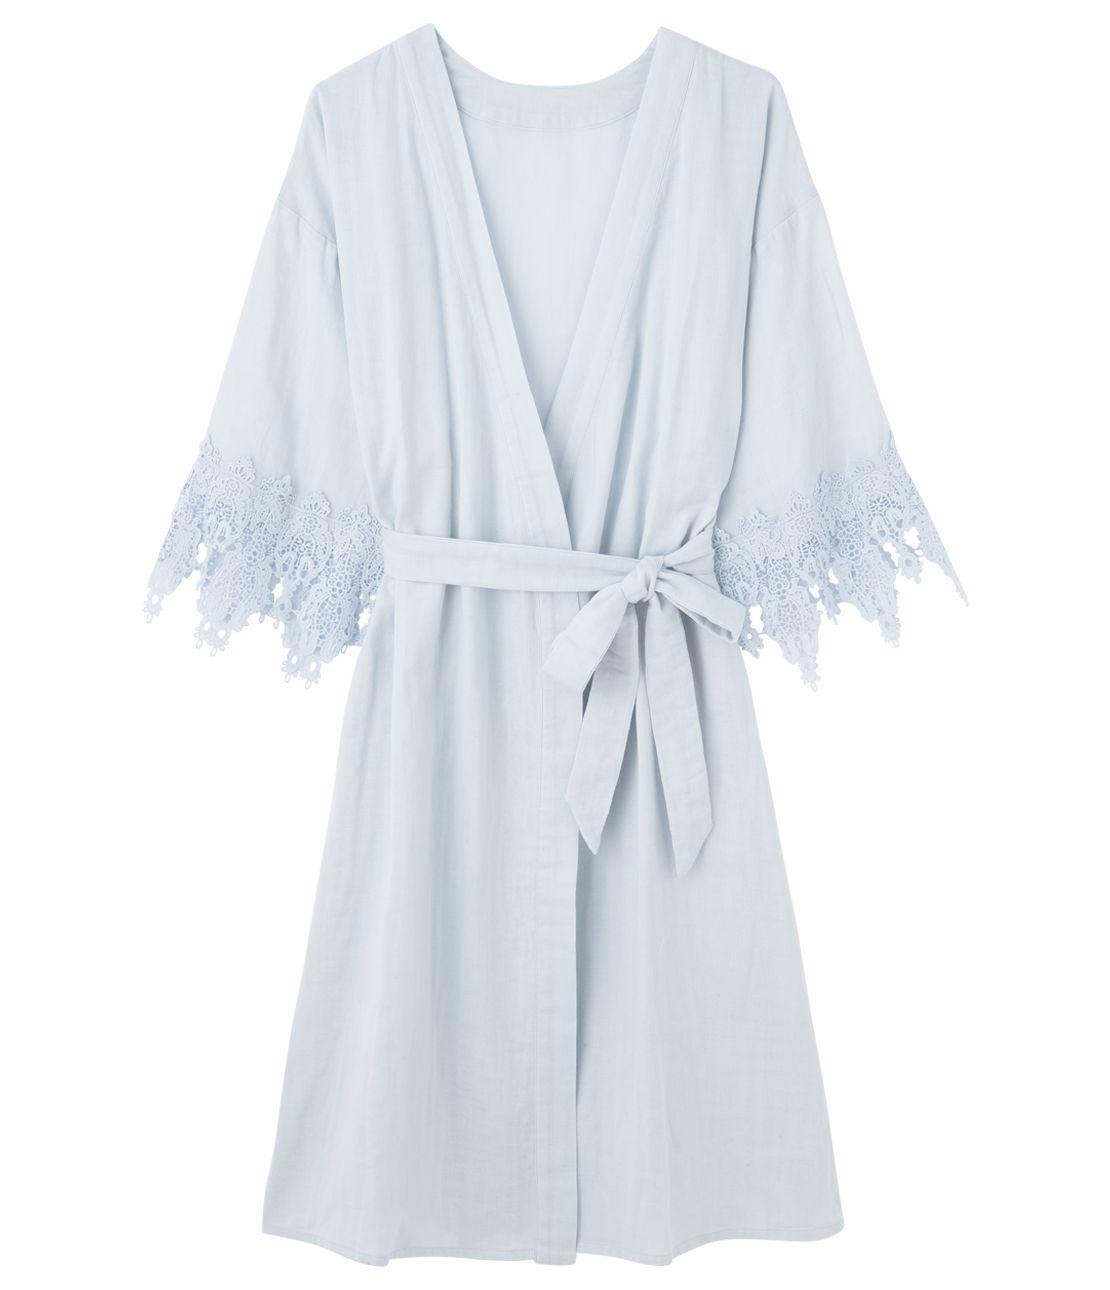 Cotton Leh Consequences robe